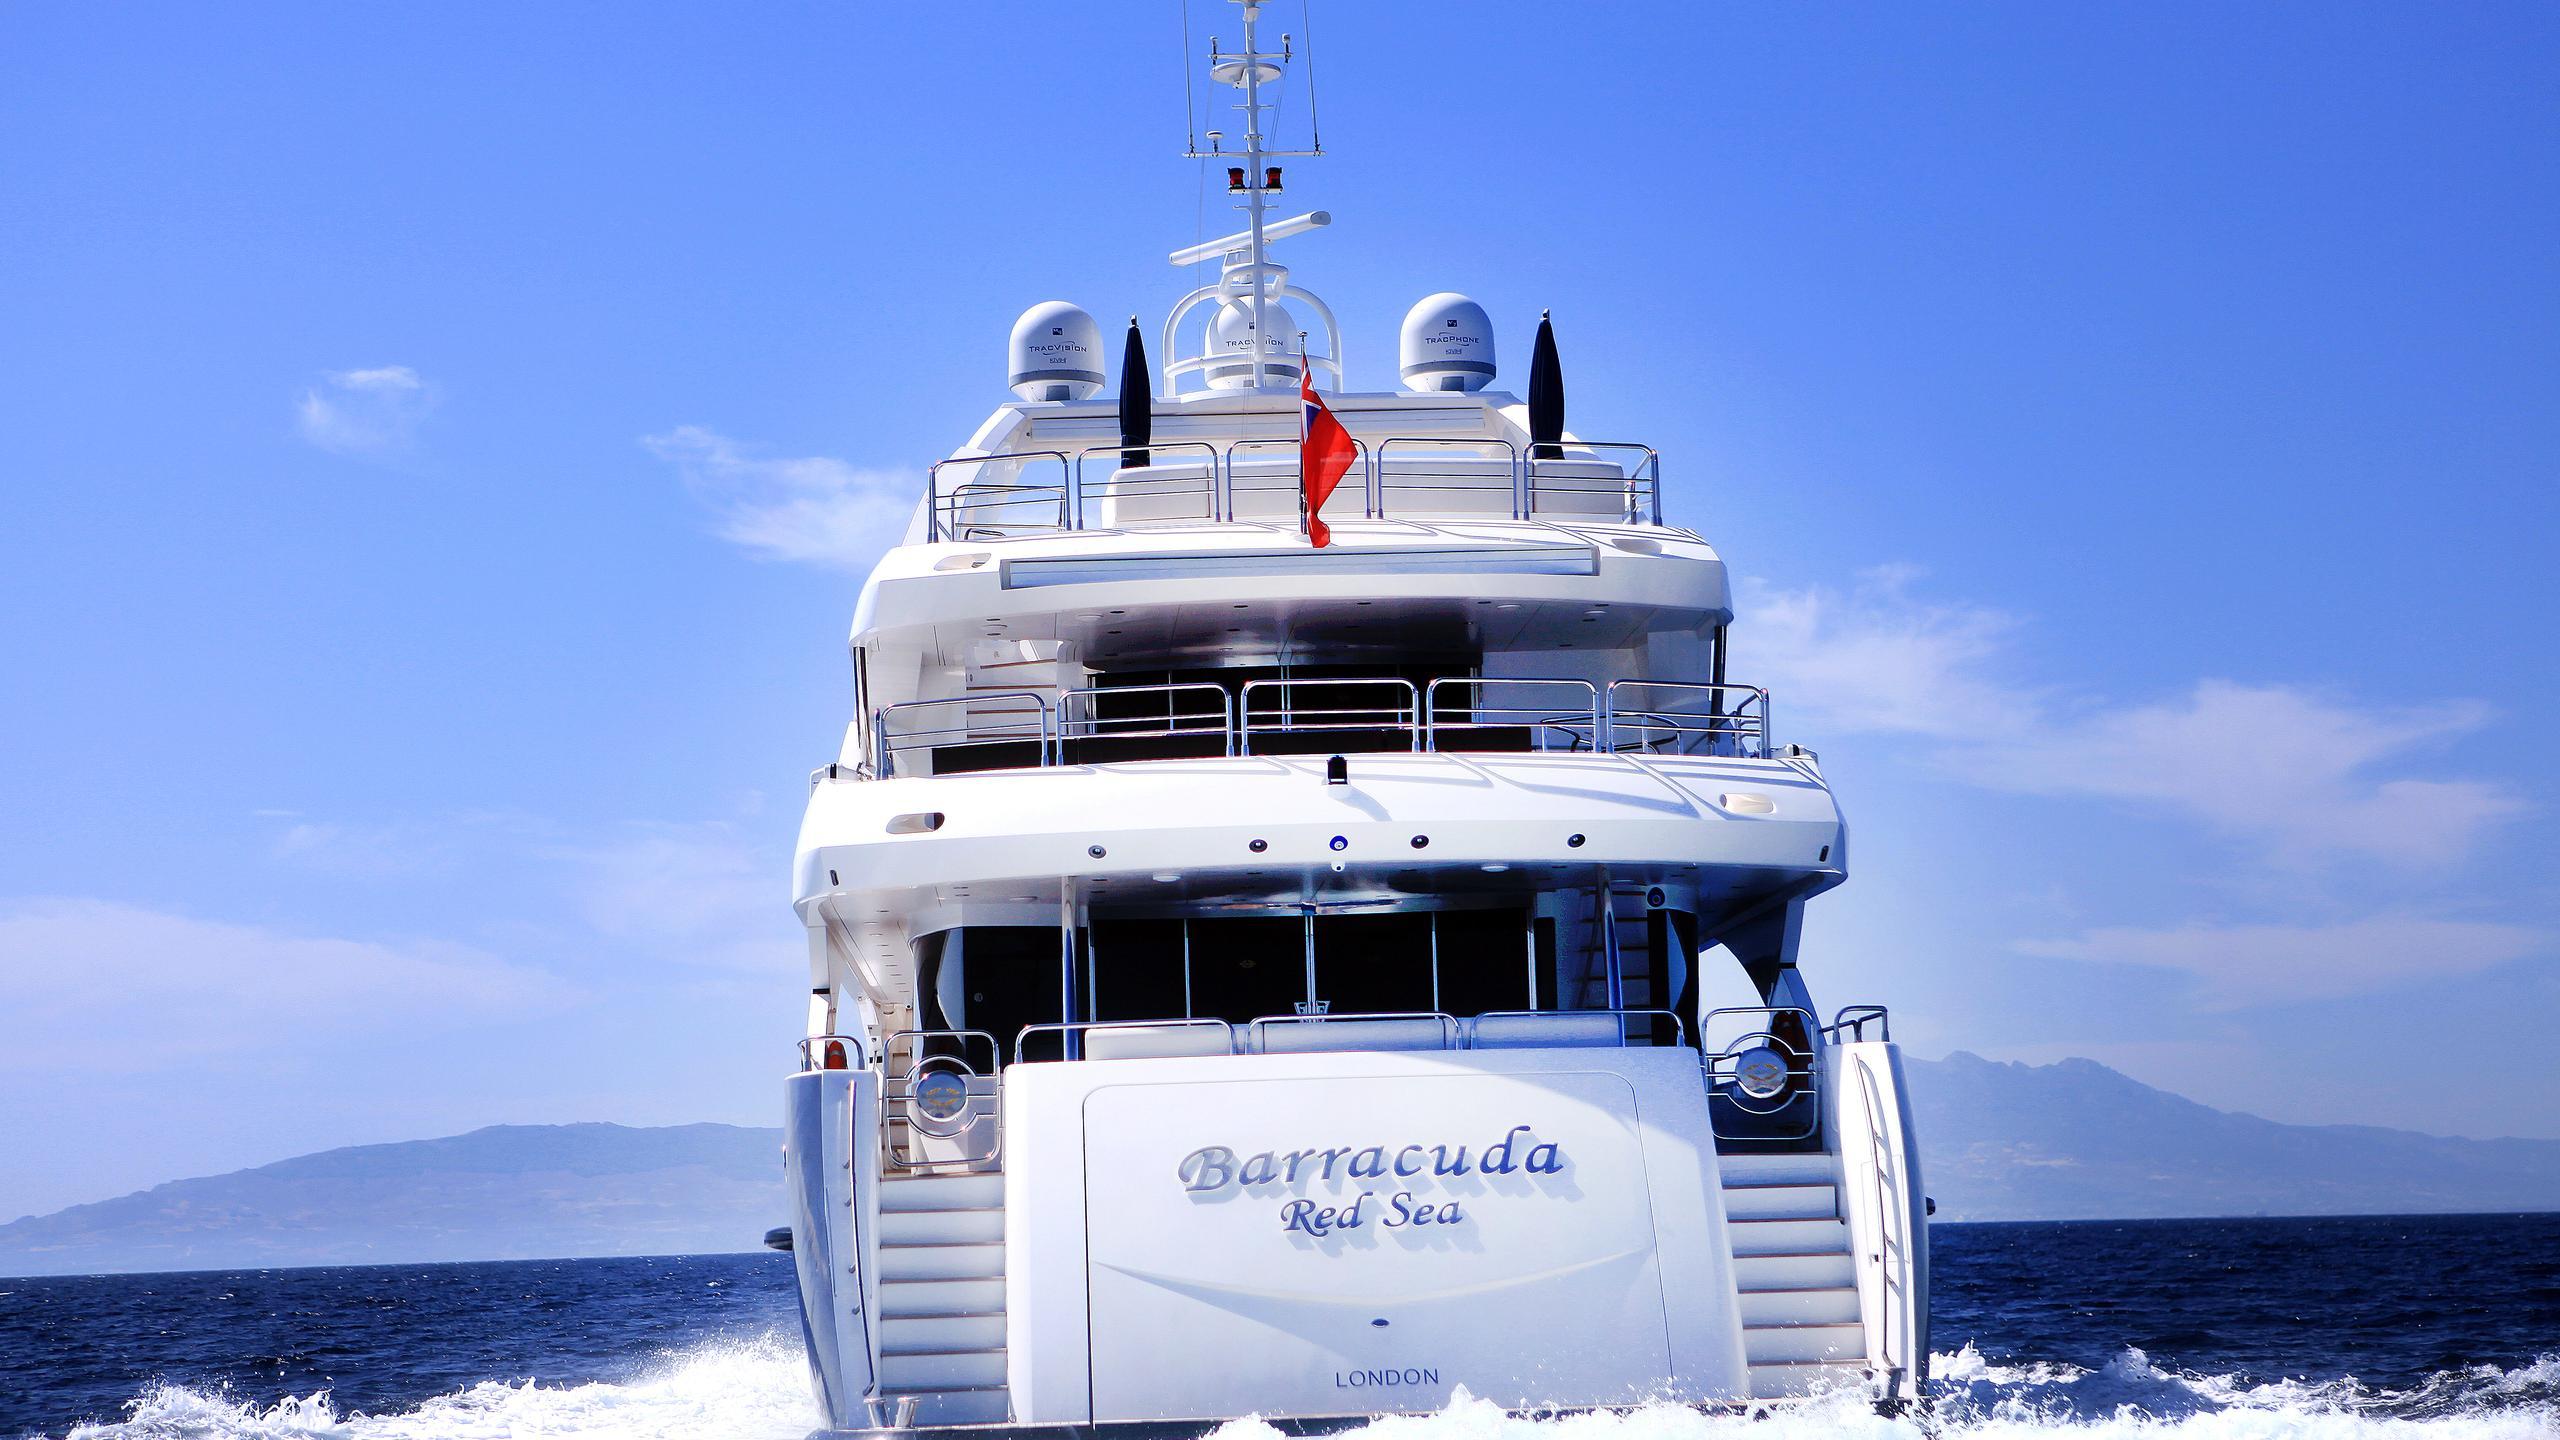 barracuda-red-sea-yacht-stern